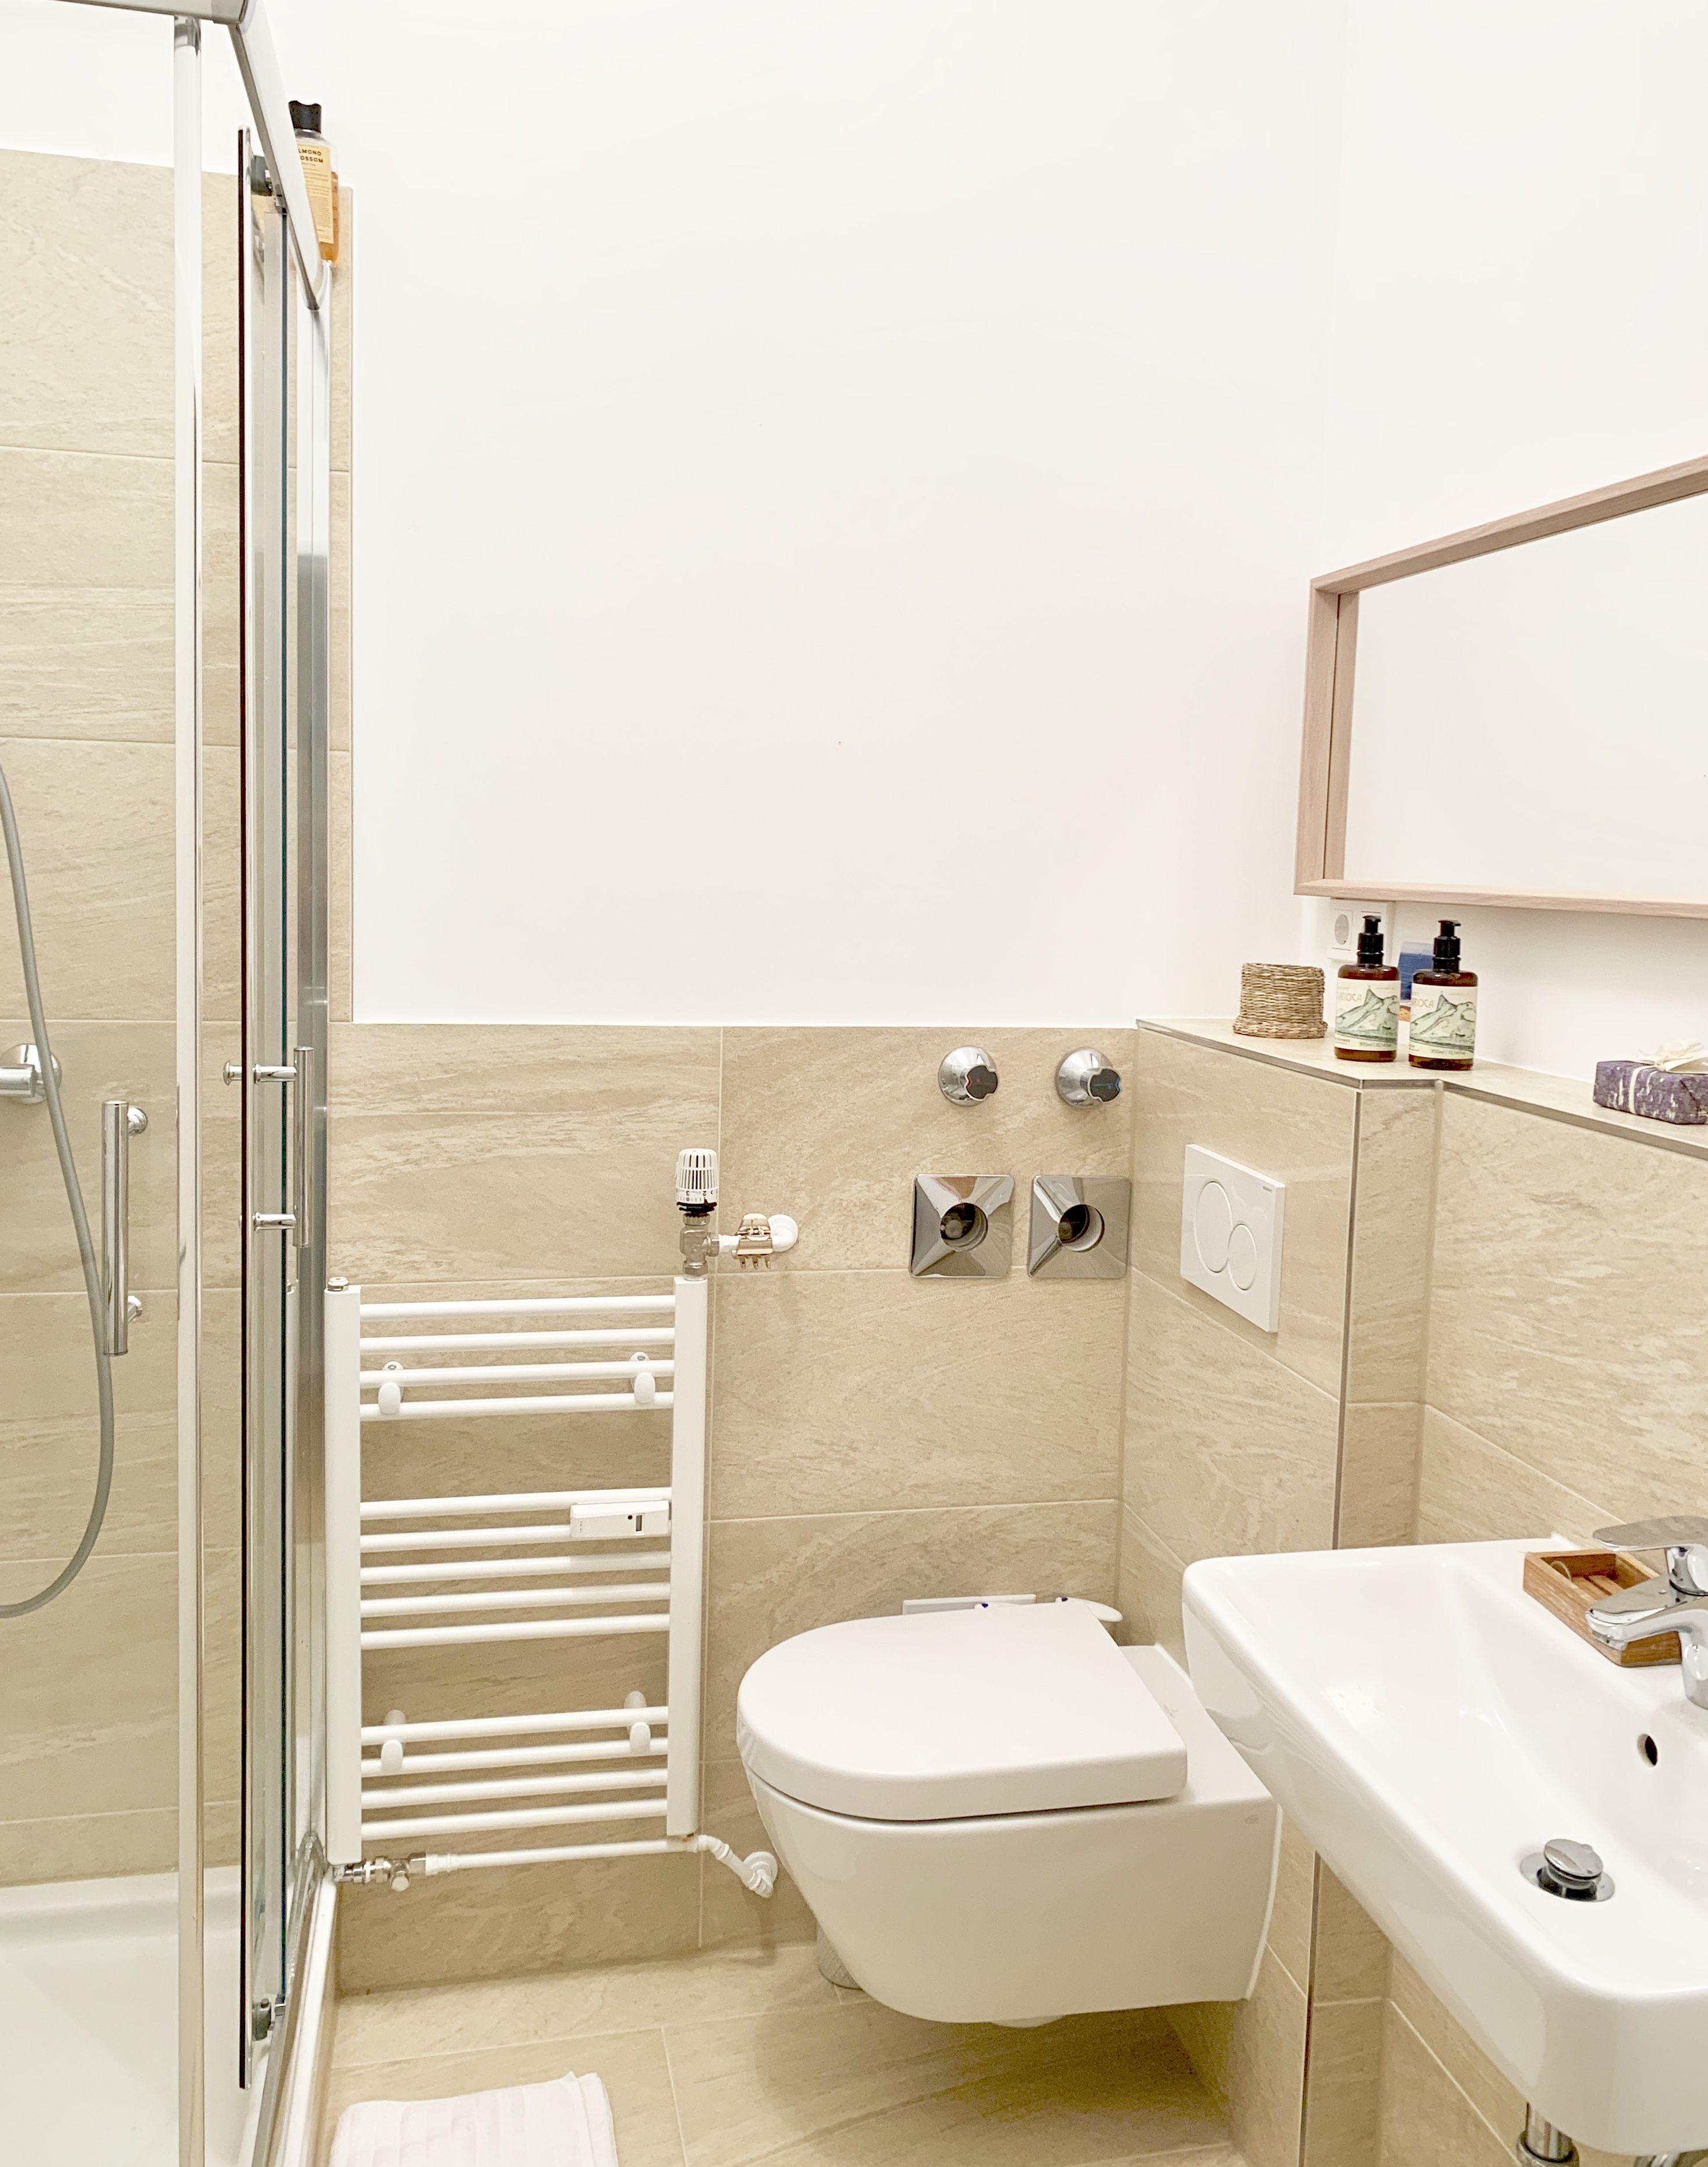 Schones Bad Mit Beigen Fliesen Wggesucht Wg Bad Badezimmer Modern Beige Schon Wiesbaden In 2020 Schone Badezimmer Badezimmer 2 Zimmer Wohnung